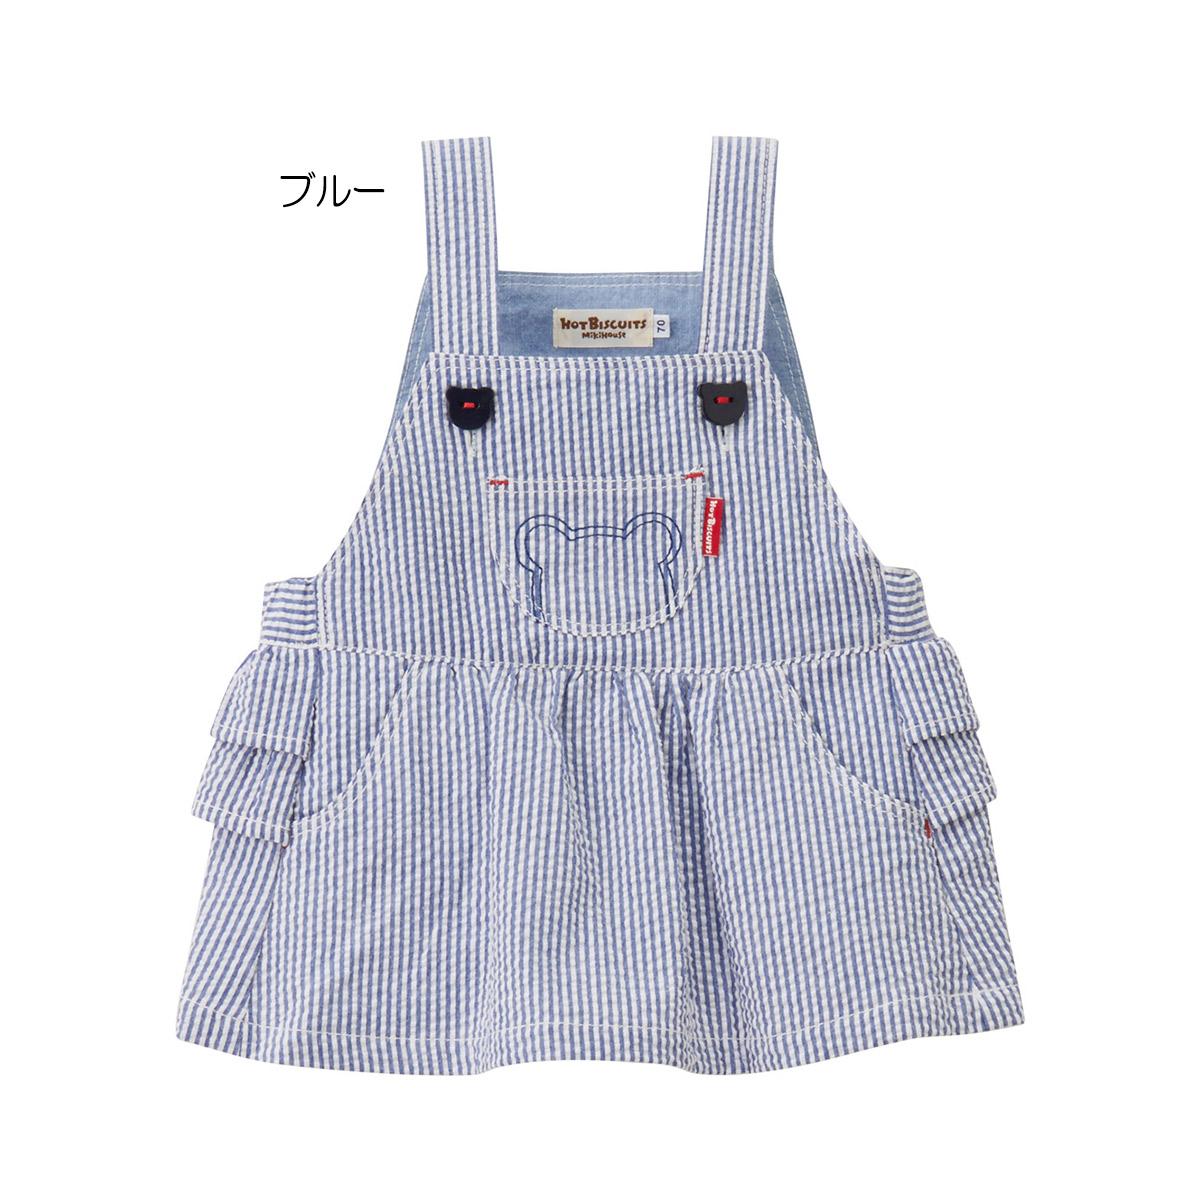 〇 ミキハウス ジャンパースカート6200 980円以上で送料無料 美品 国内 3 市販